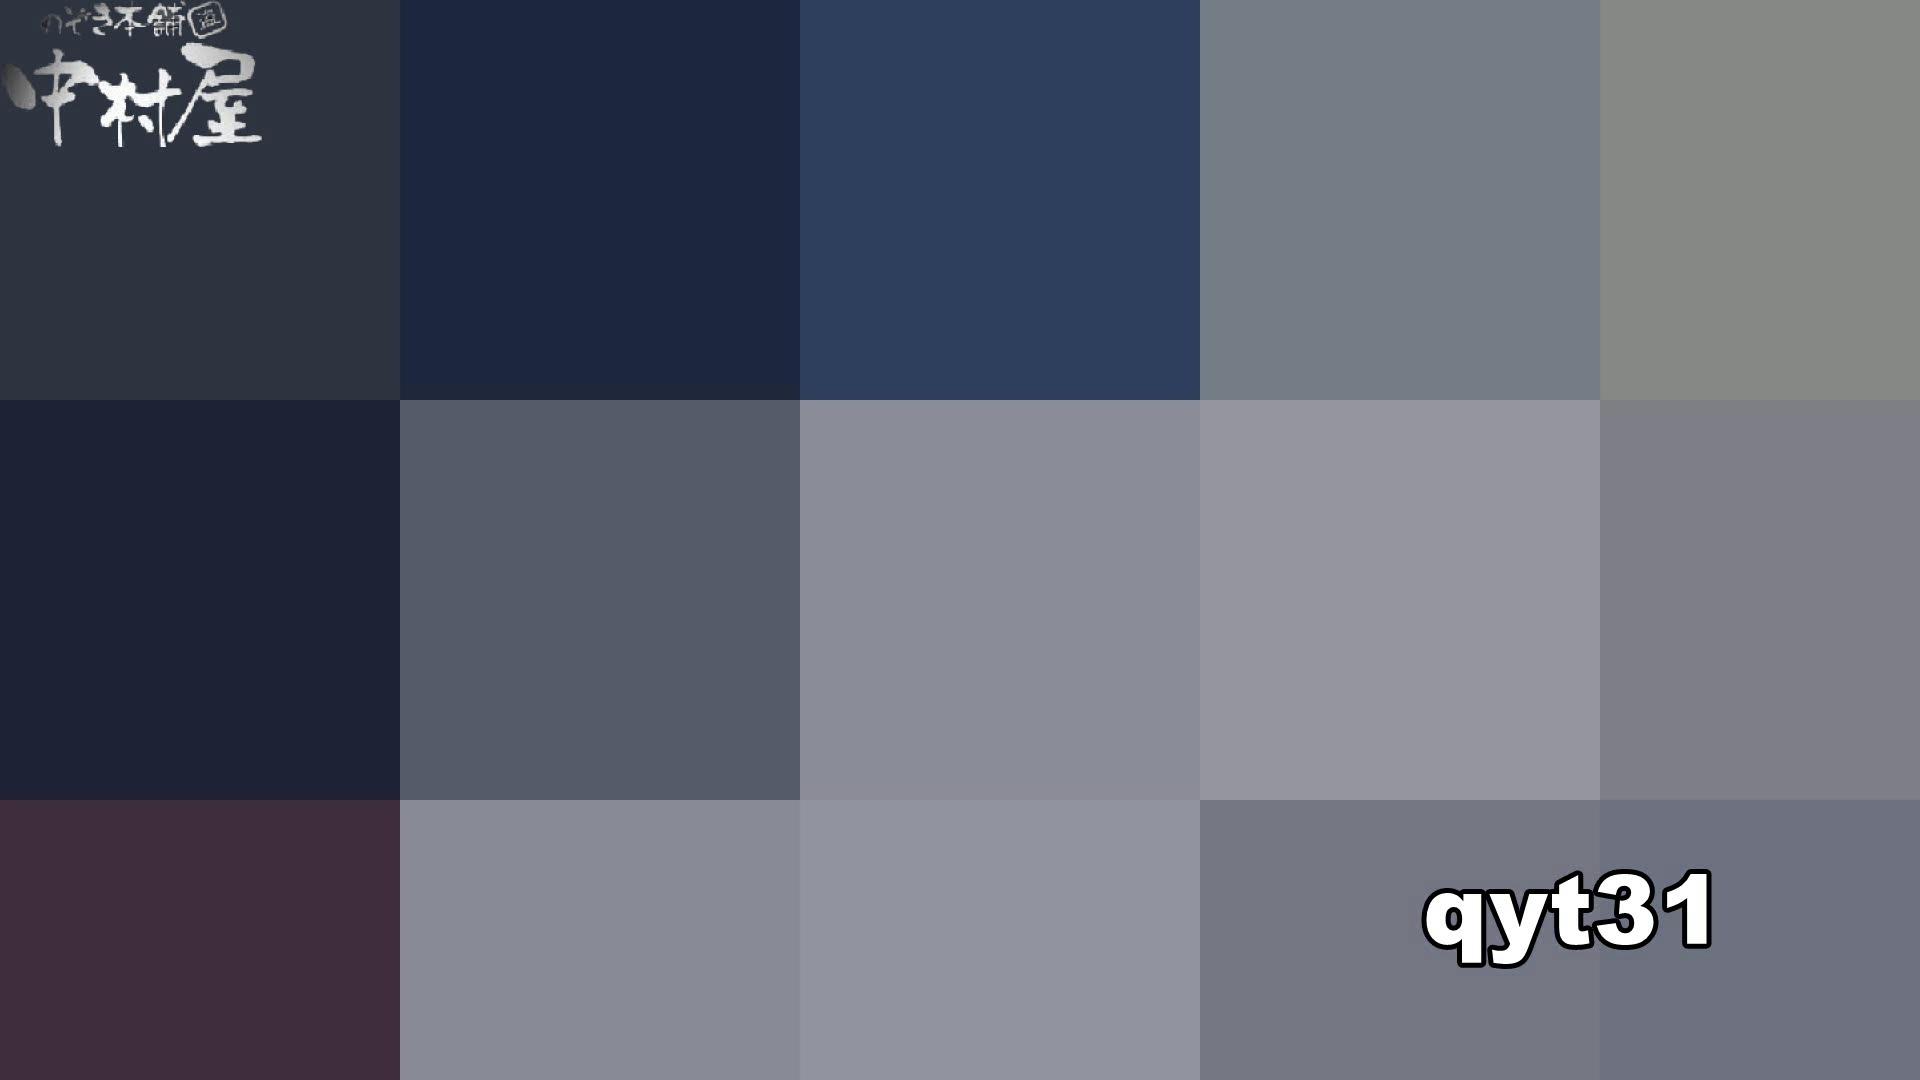 【お銀さんの「洗面所突入レポート!!」】お銀さんの「洗面所突入レポート!!」 vol.31 Σ(||゚Д゚)ヒィ~!! OLセックス | 洗面所  66画像 15